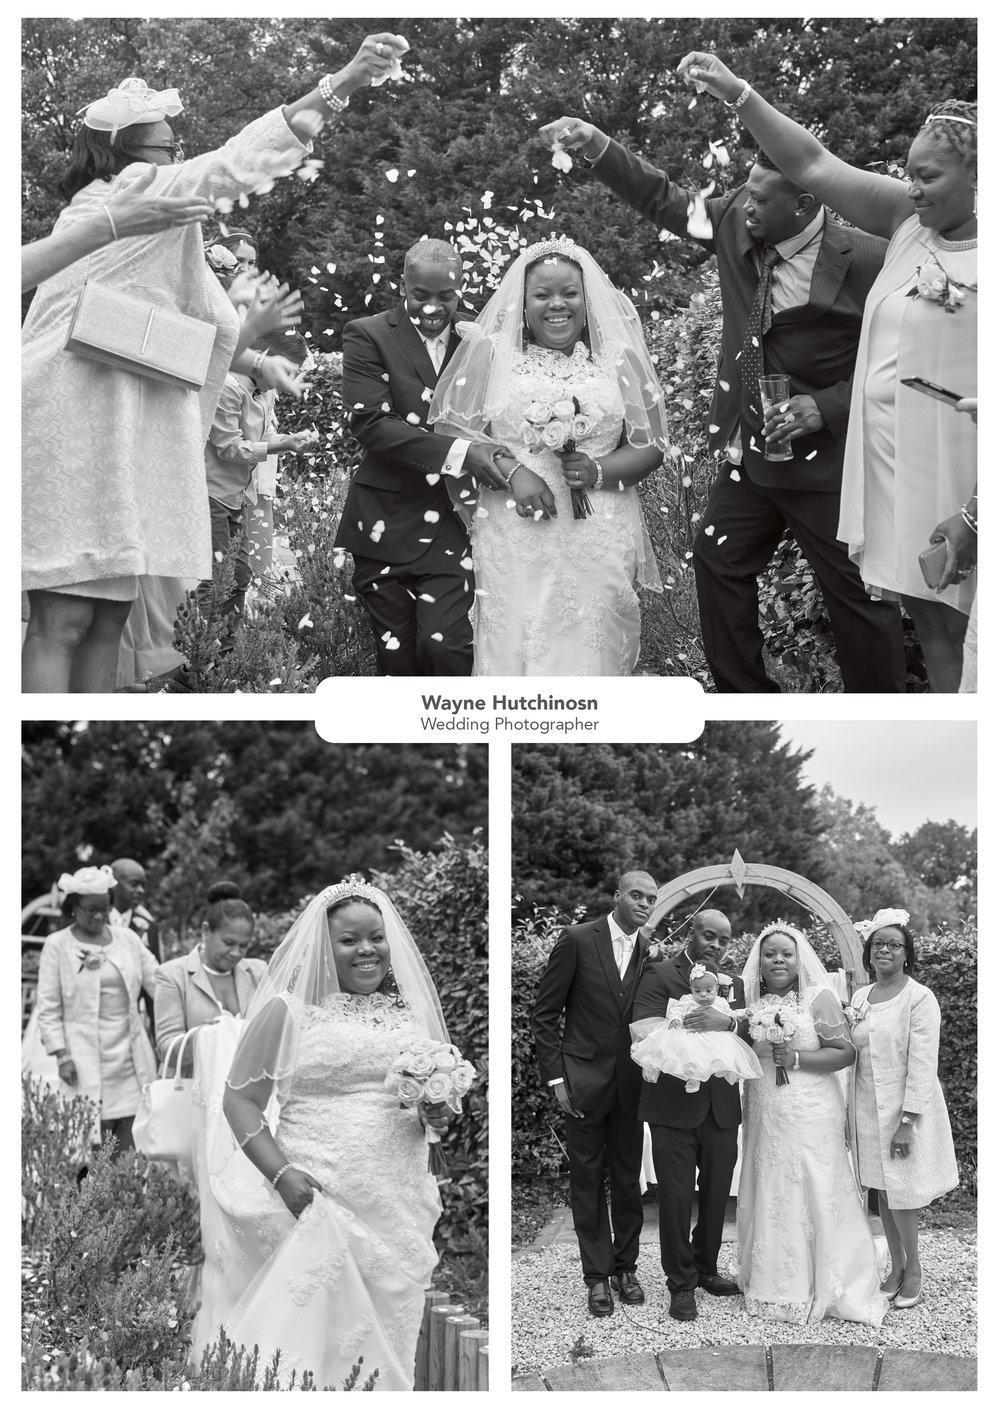 Whp weddings 01.jpg